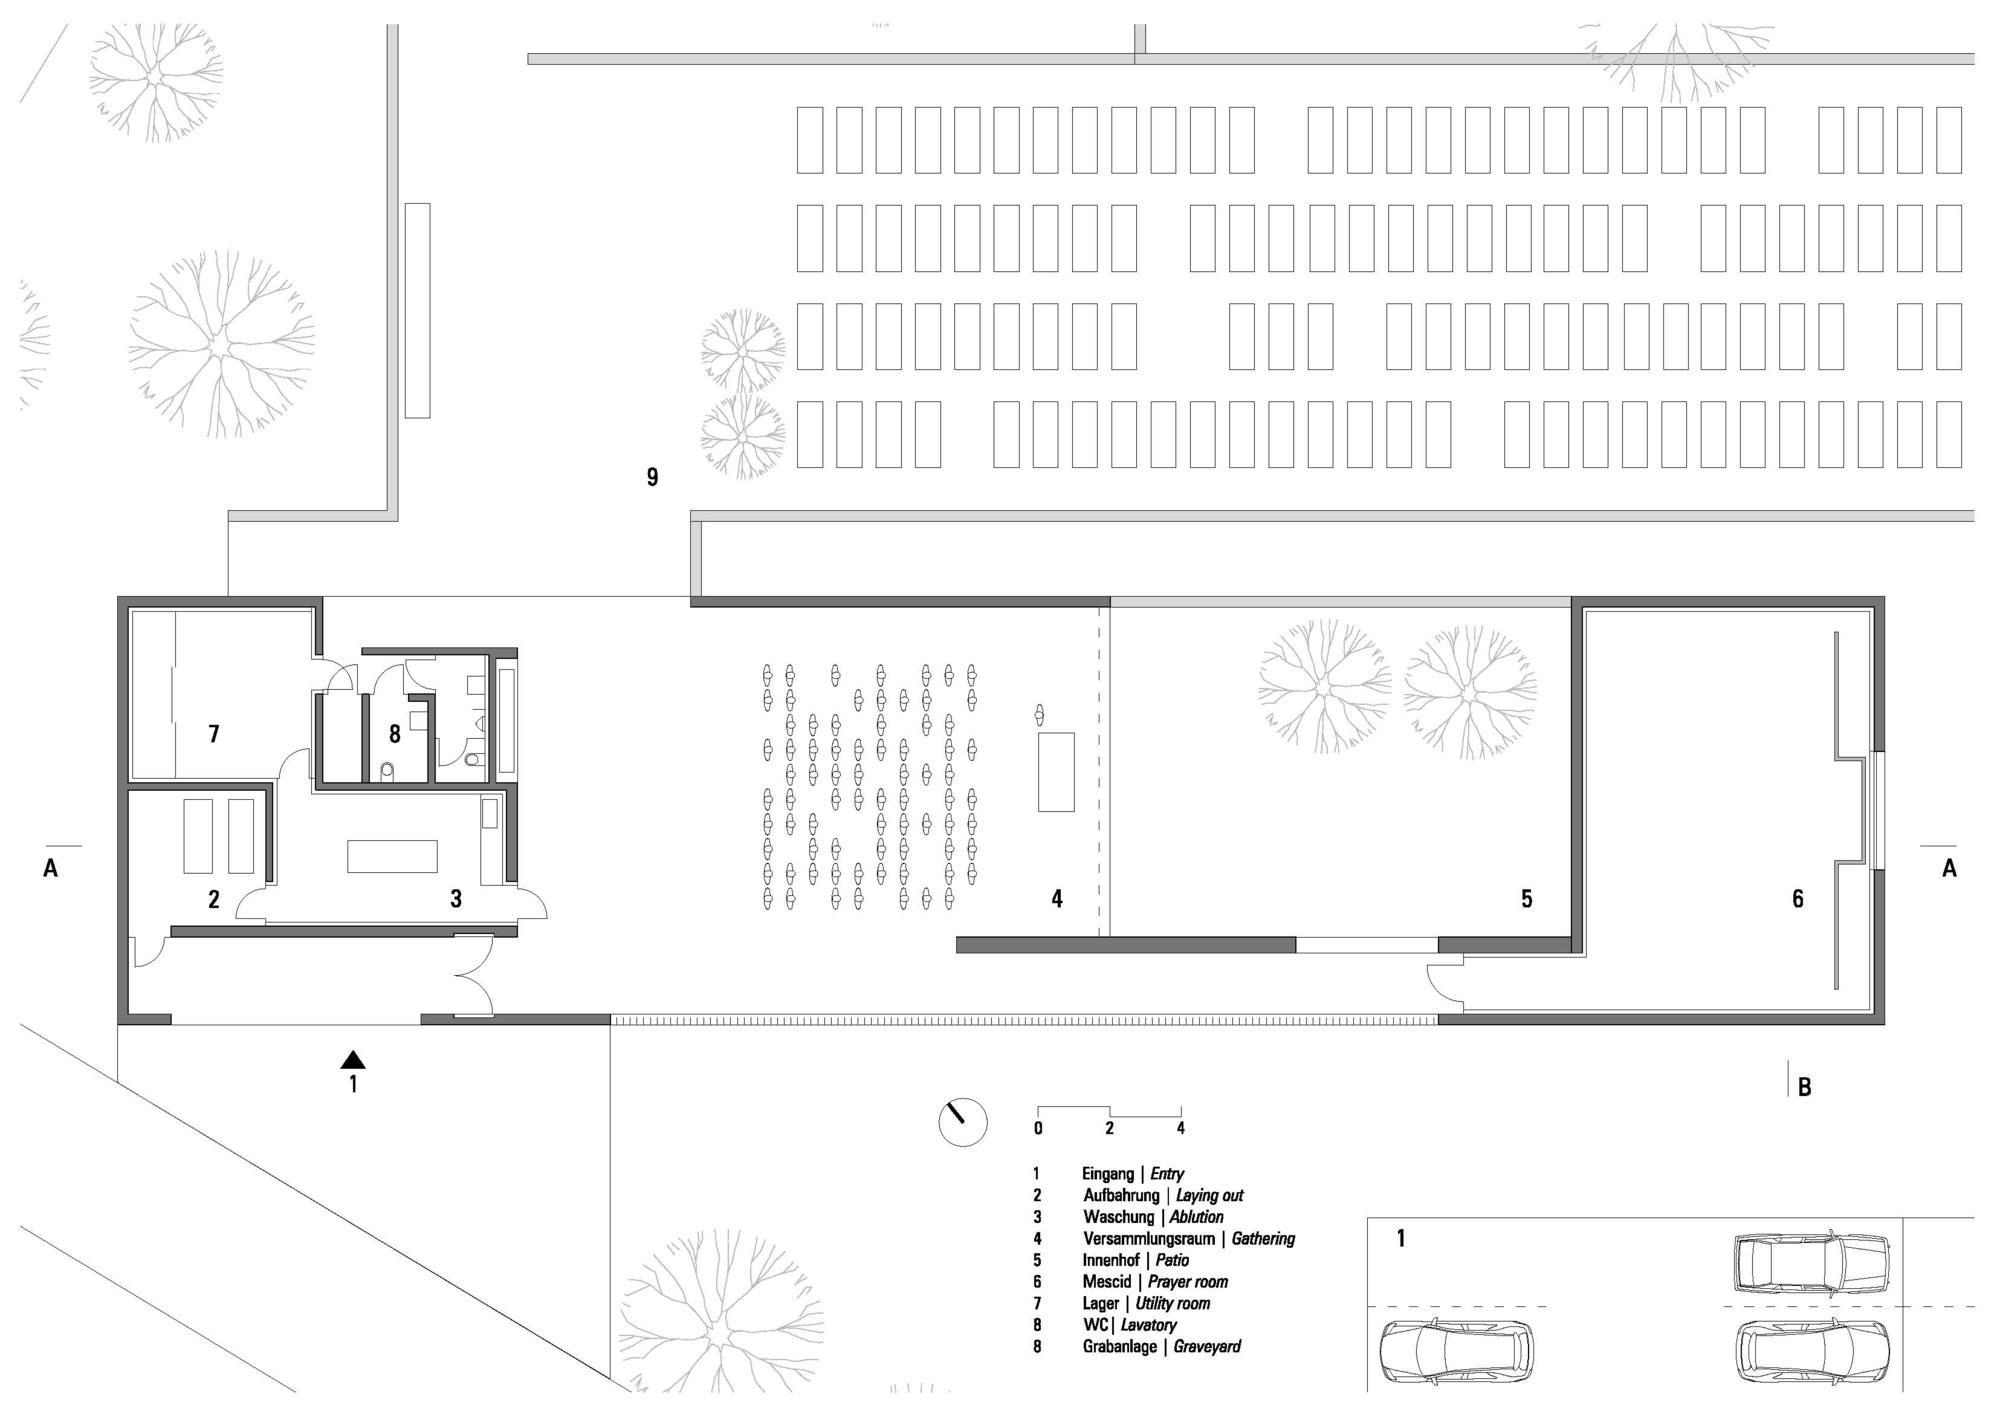 معماری اسلامی، ایده ی اصلی طراحی قبرستان مسلمانان در استرالیا